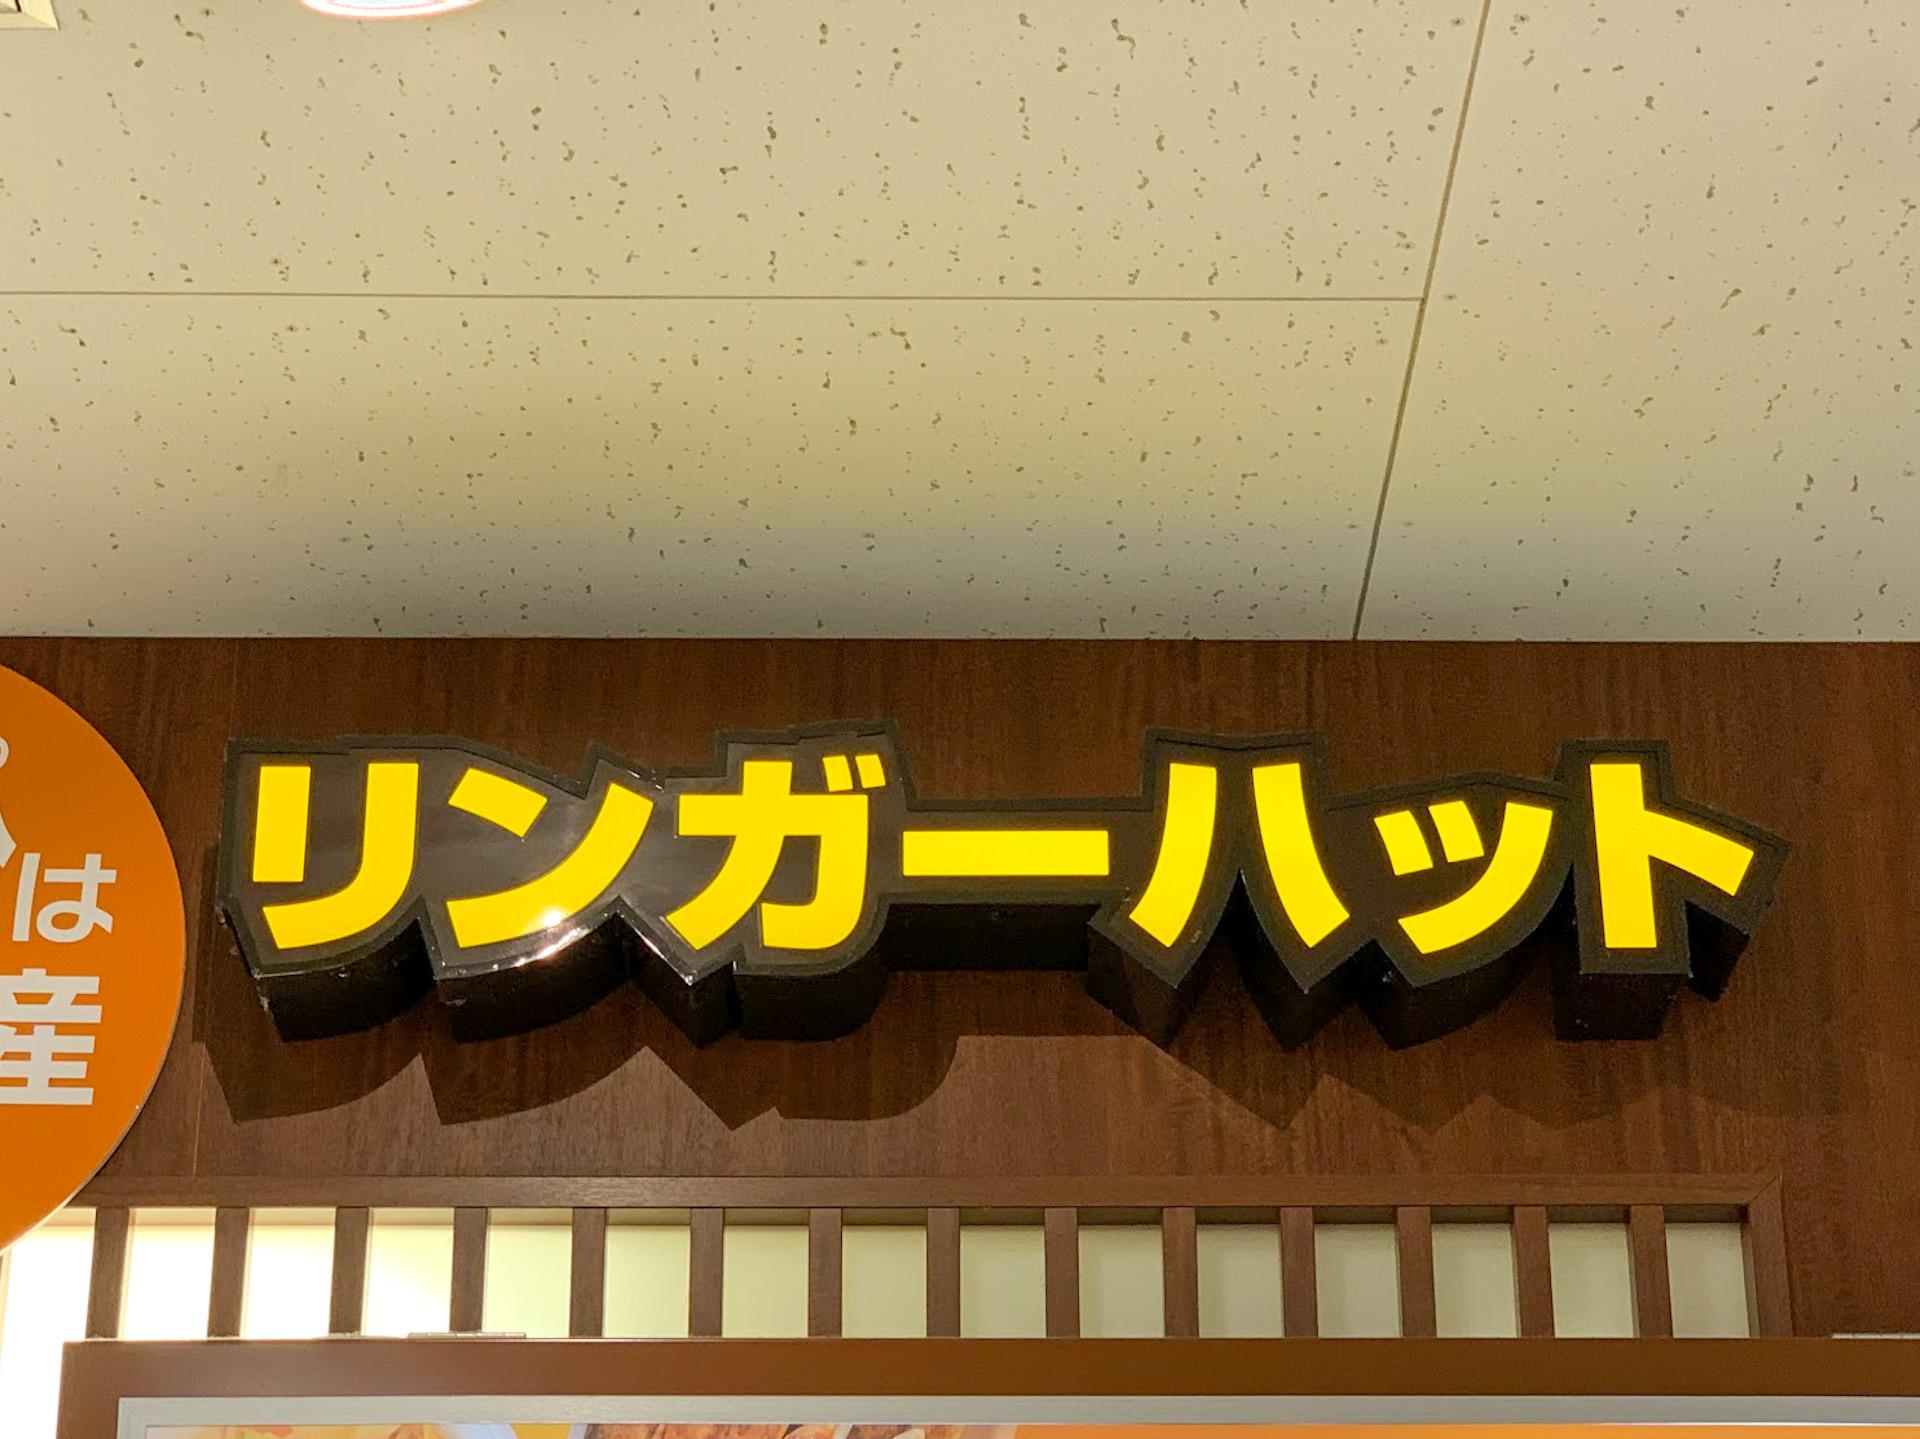 リンガーハットのおすすめメニューは?定番長崎ちゃんぽんに皿うどんも人気!